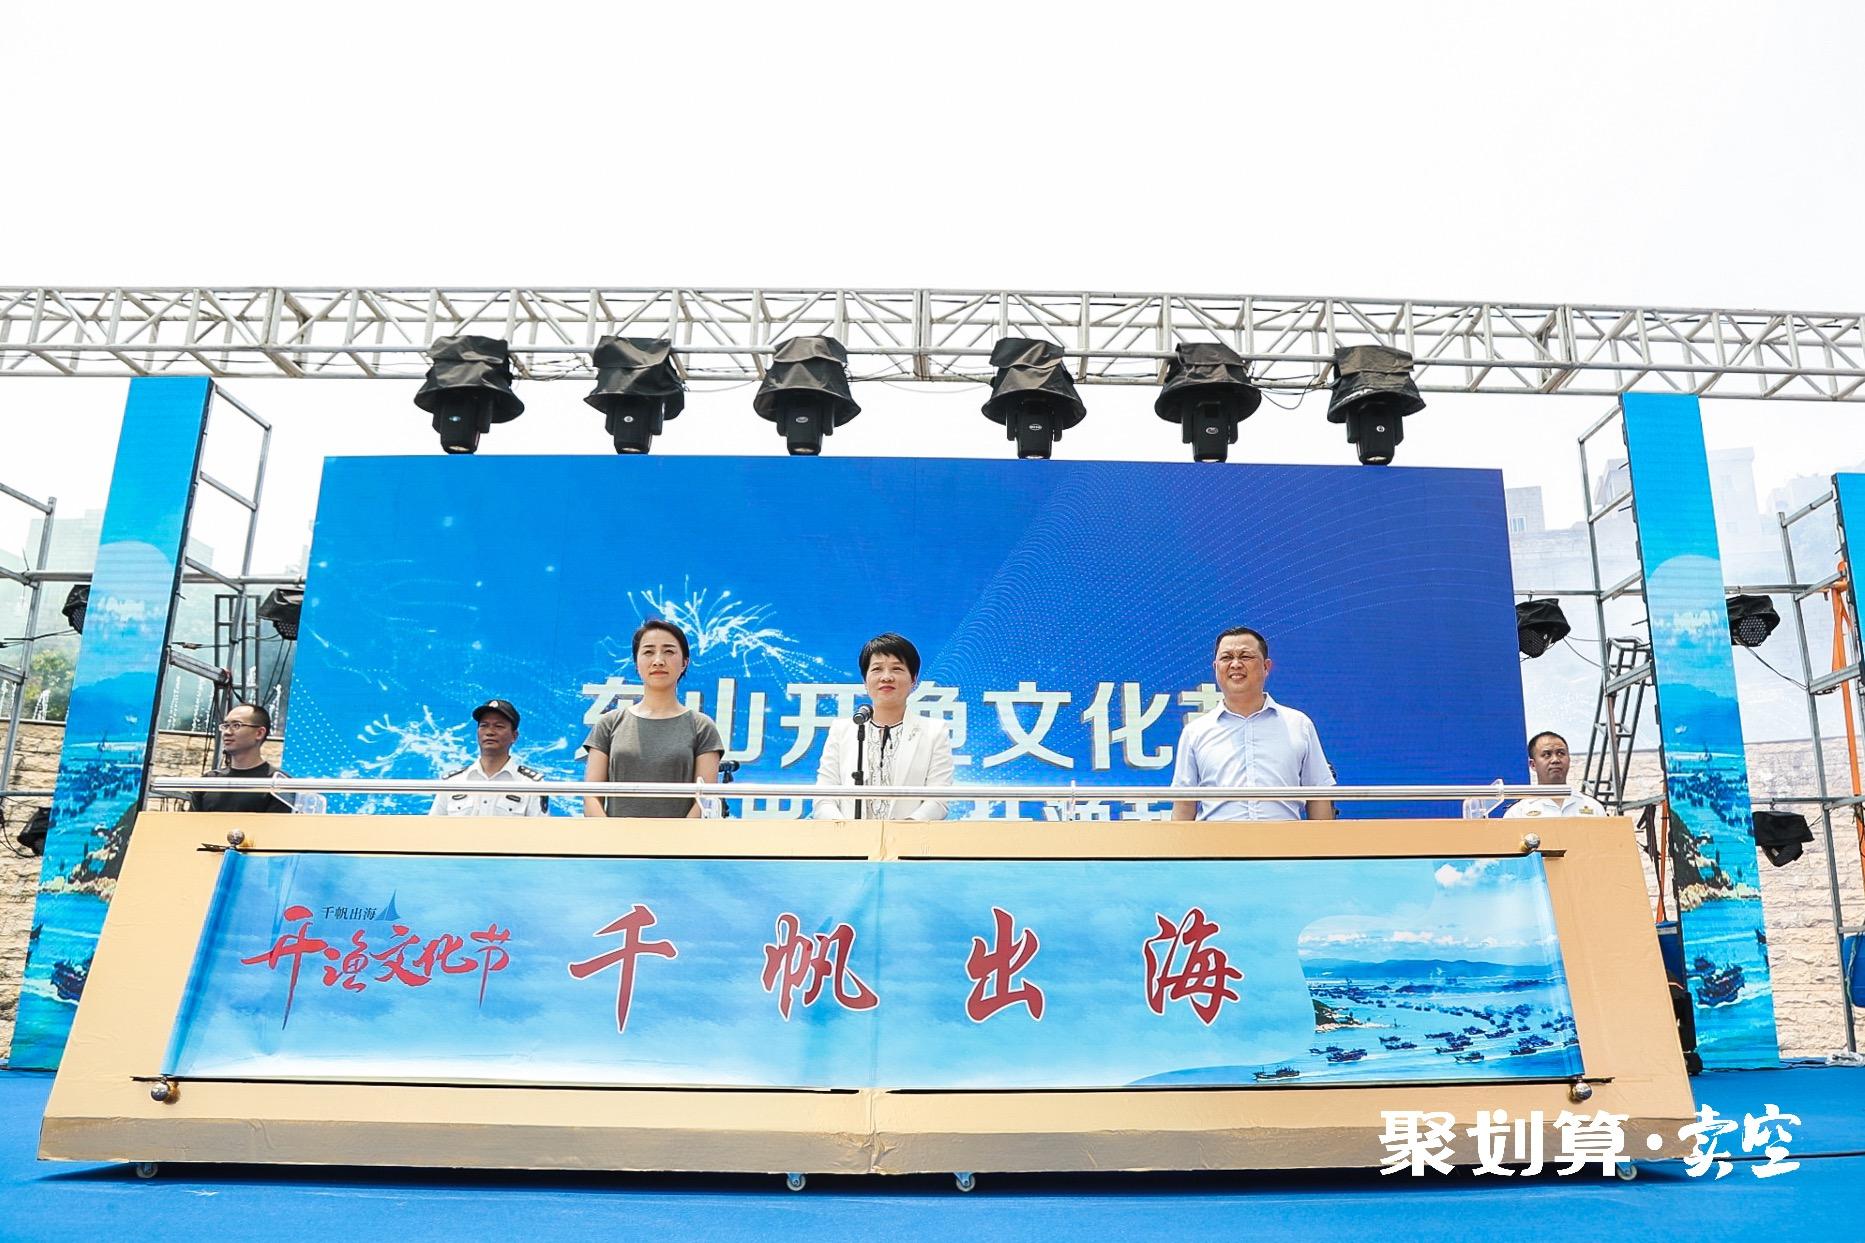 中国海鲜县 为什么要在聚划算吹响进军国内